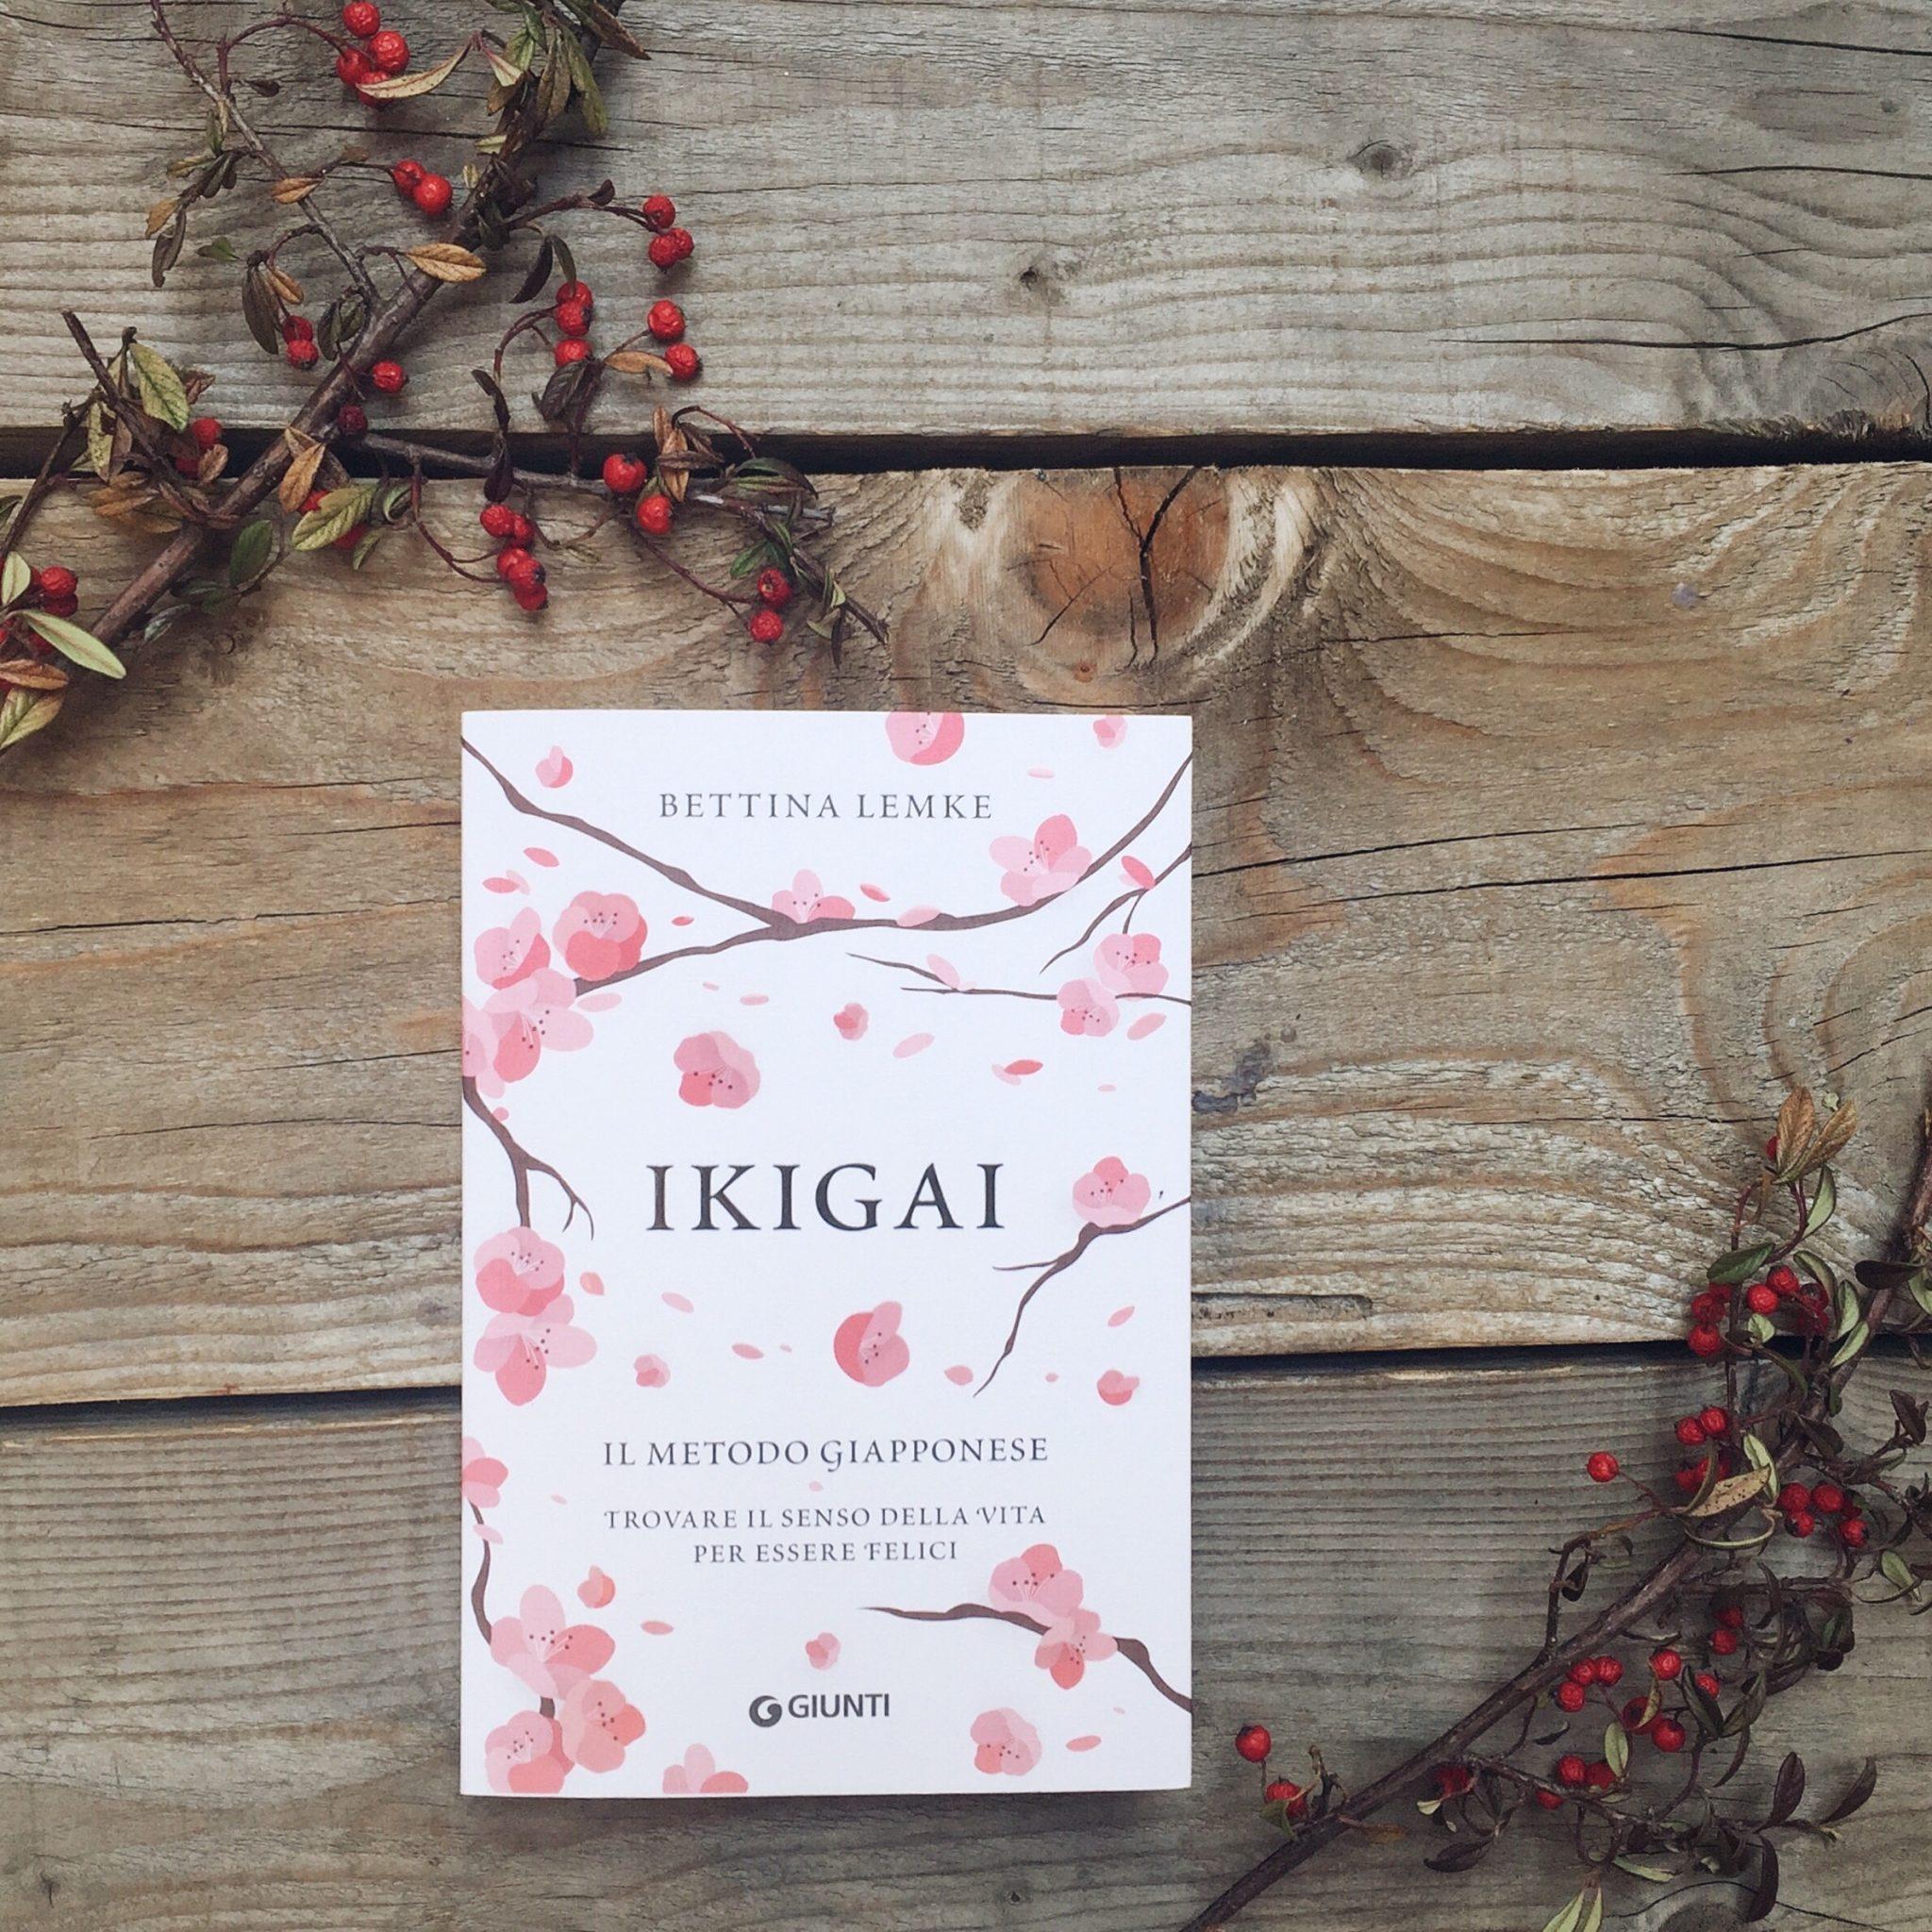 Ikigai - libro di Bettina Lemke in italiano Giunti Editore appoggiato su delle assi accanto a bacche rosse - tatianaberlaffa.com